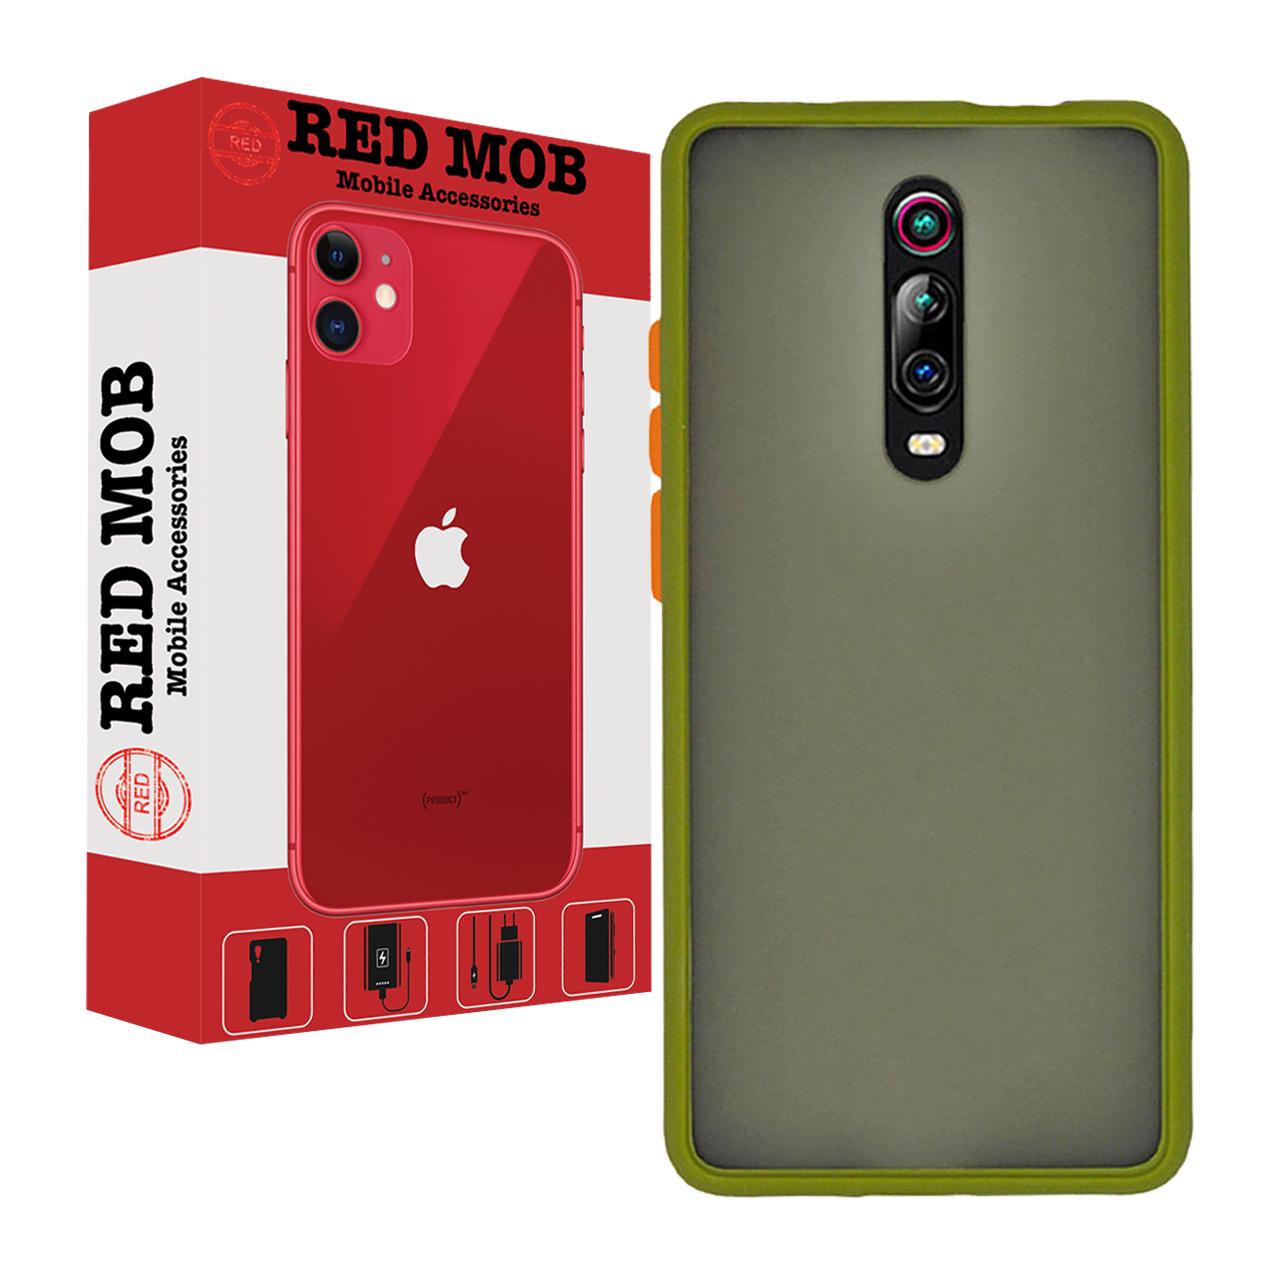 کاور ردموب مدل RPMC-1 مناسب برای گوشی موبایل سیائومی redmi k20/k20 pro